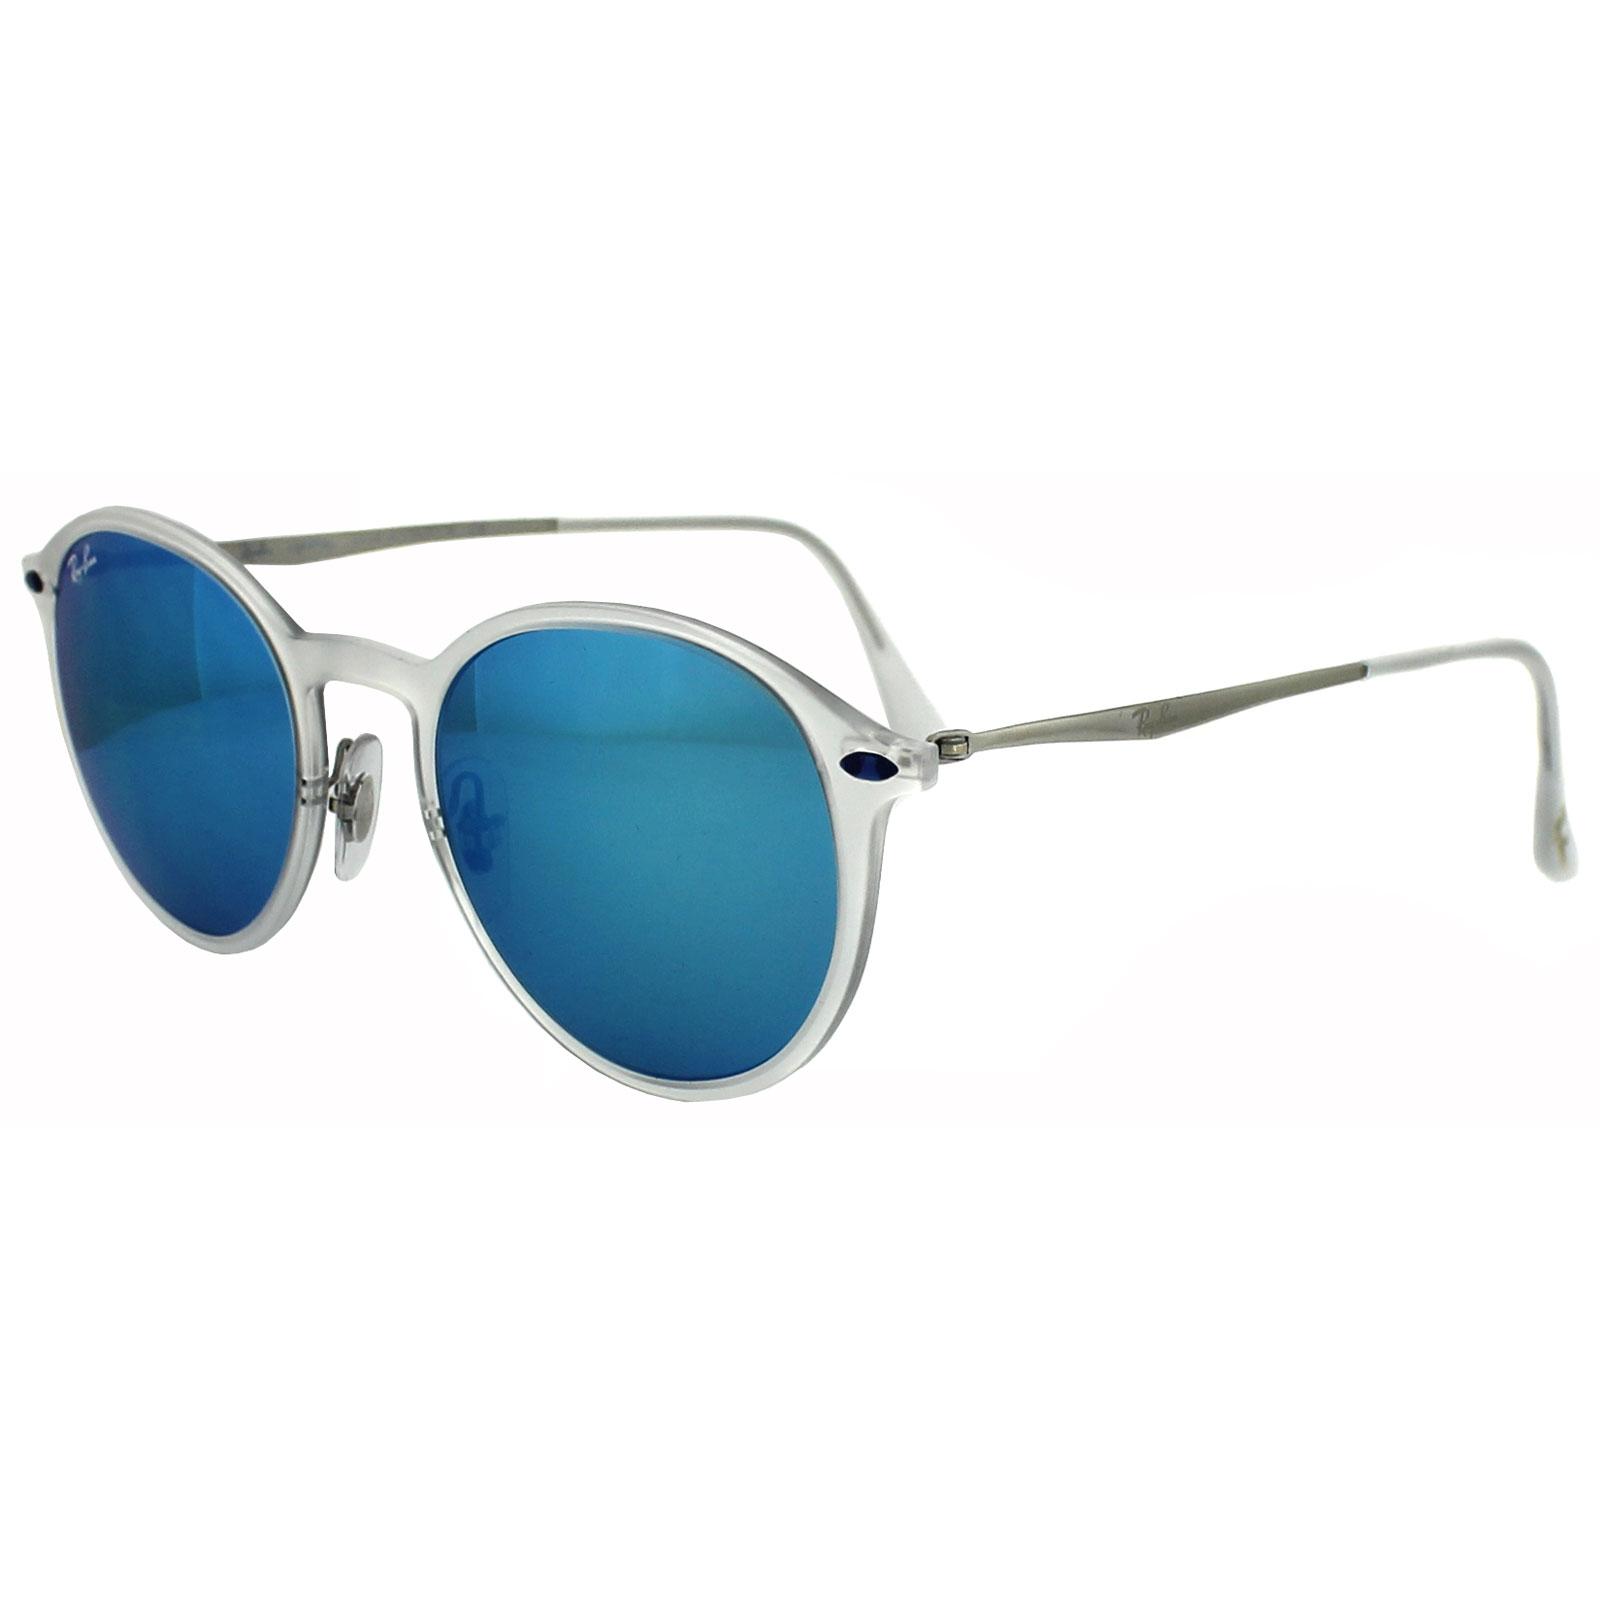 ray ban sonnenbrille spiegelglas silber